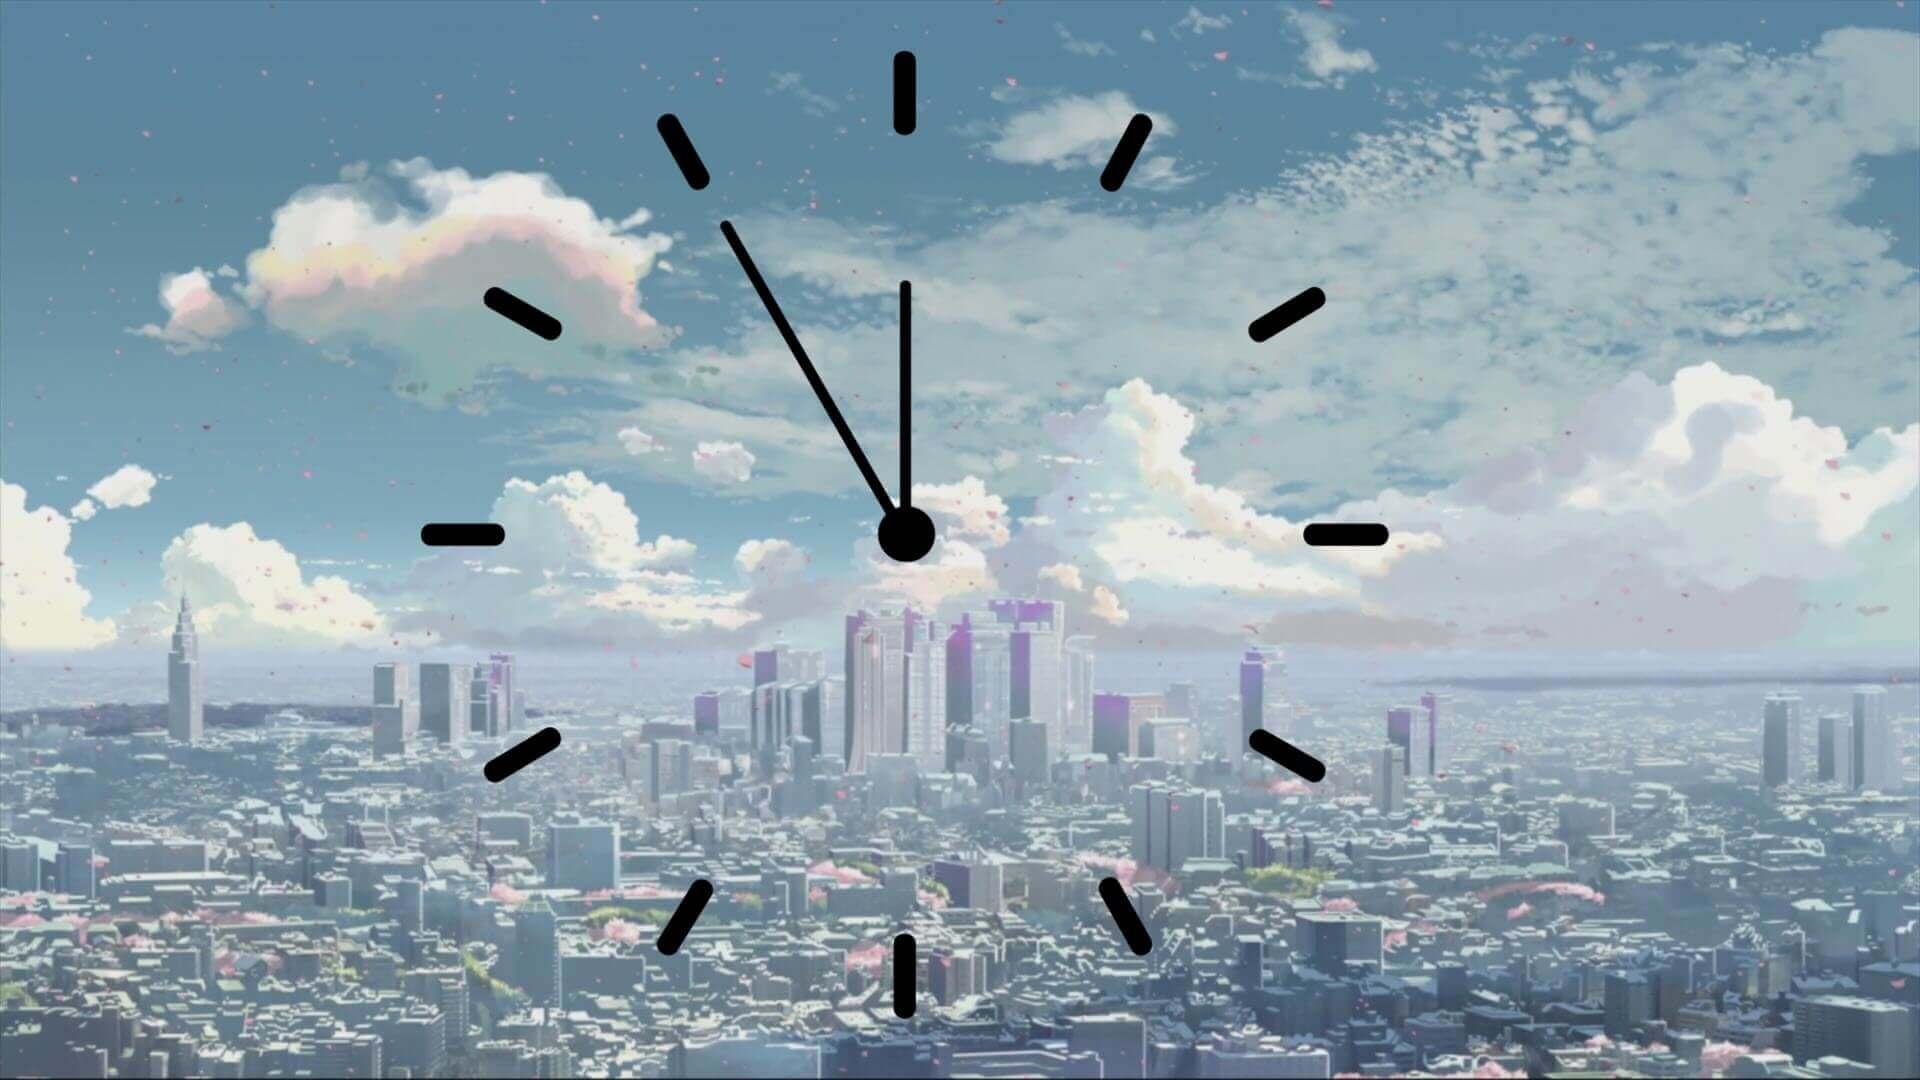 saat kaç sorunsalı